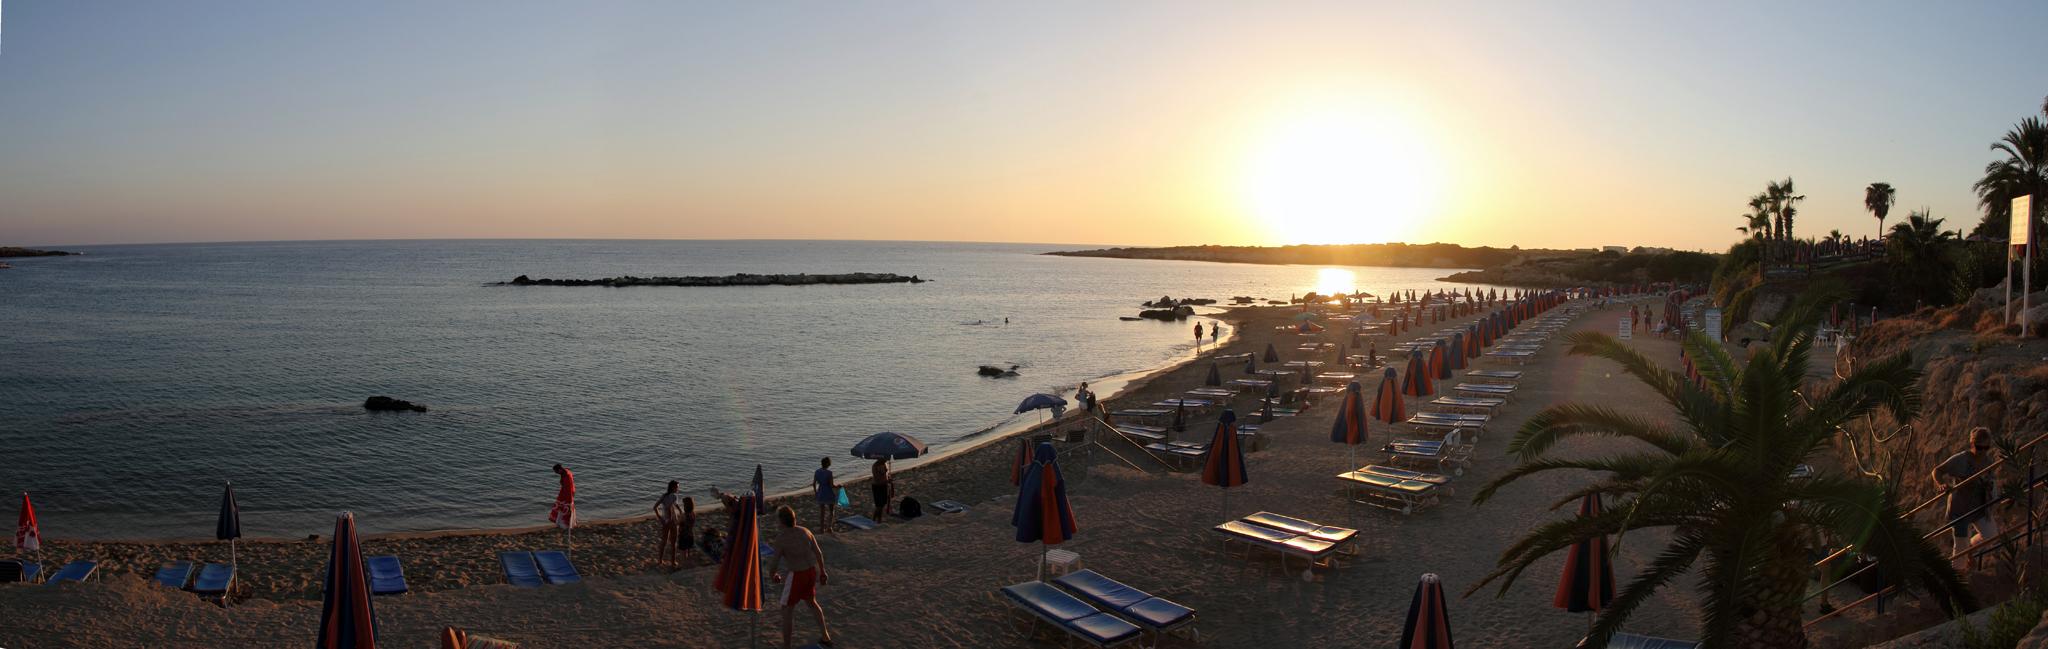 Кипр. Песчаный пляж Coral Bay в Пафосе